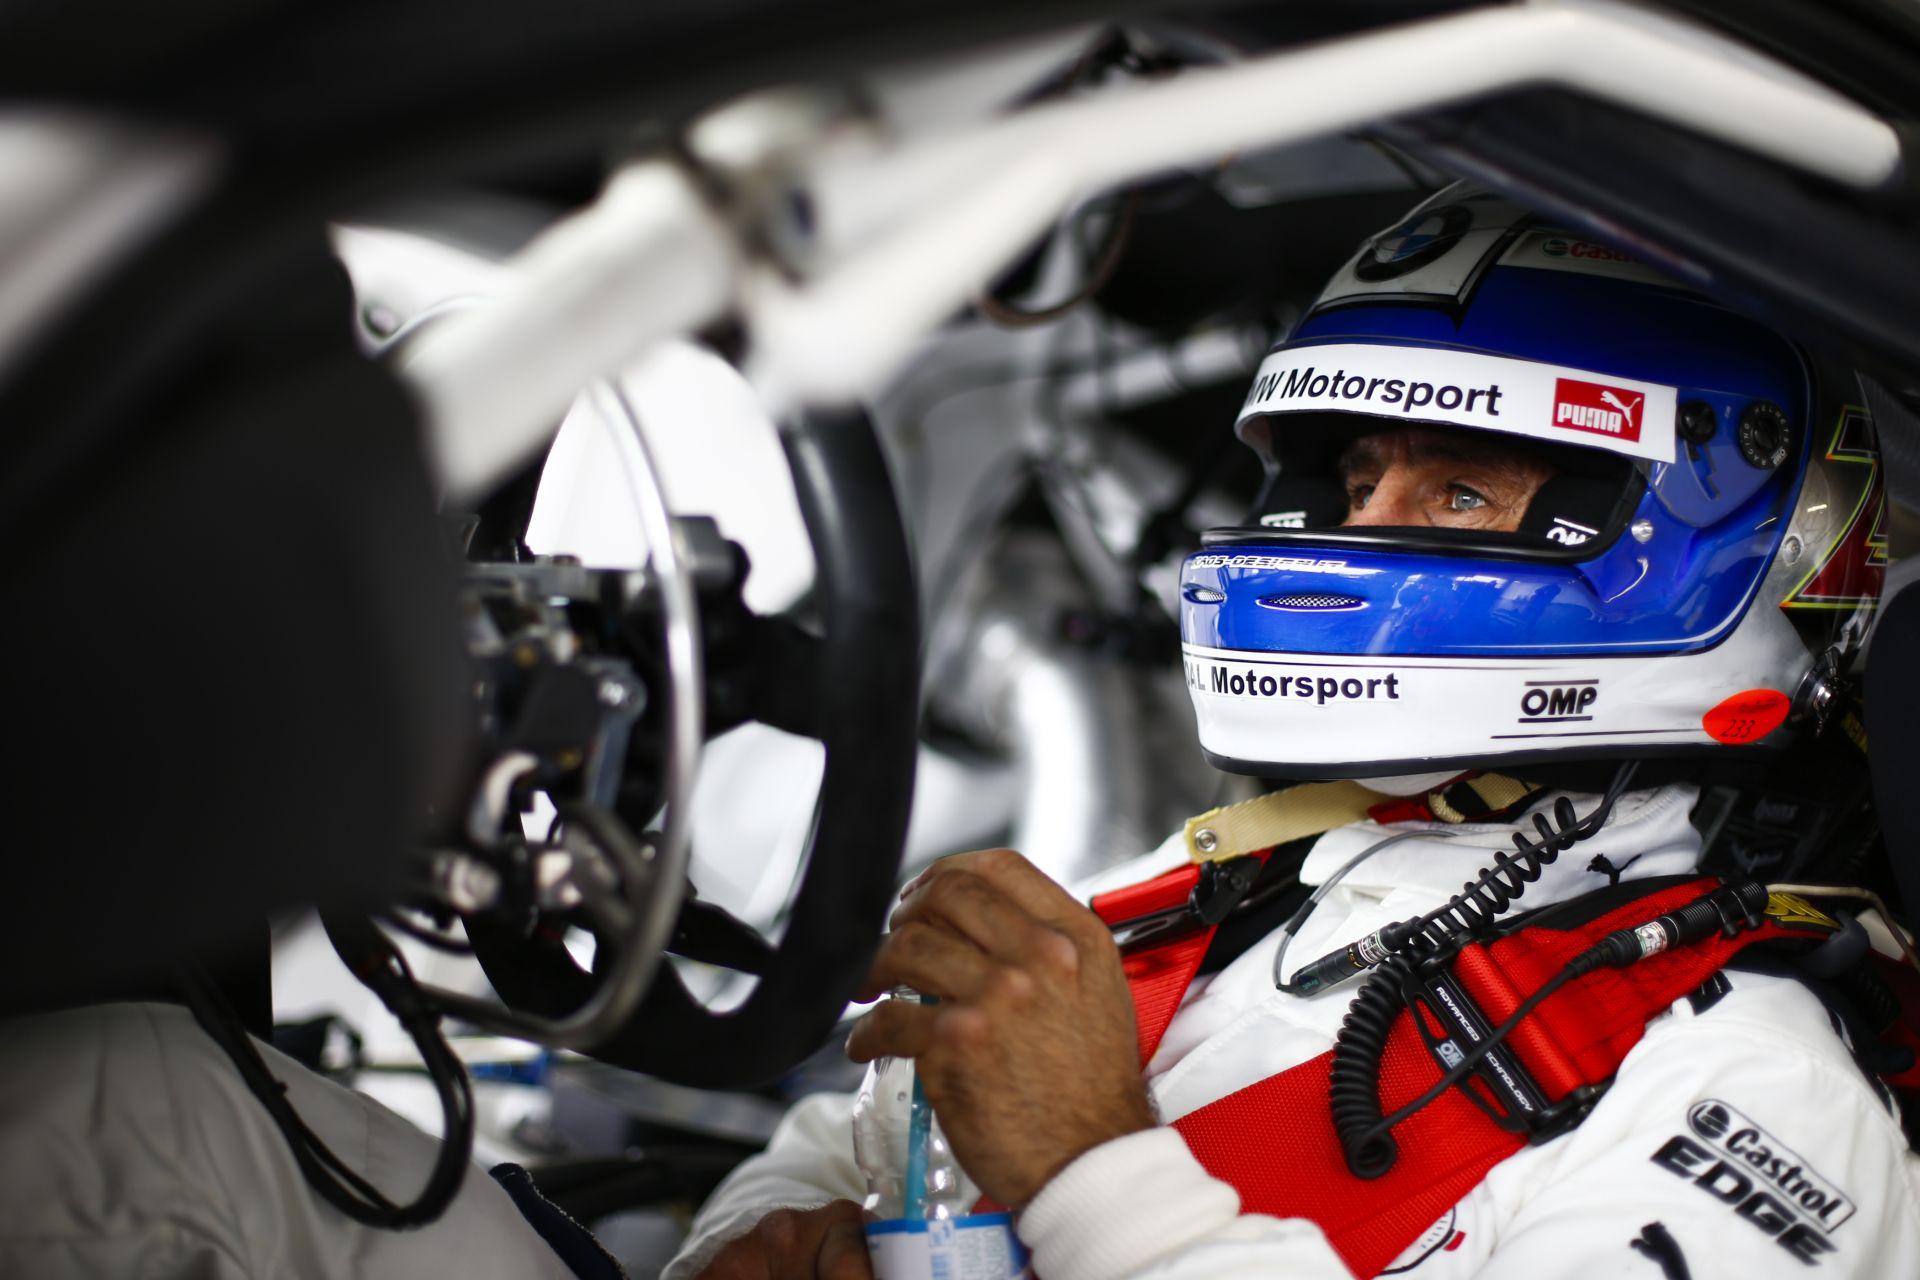 Zanardi: Hamilton majdnem felrobbant Monacóban, de végül profiként viselkedett